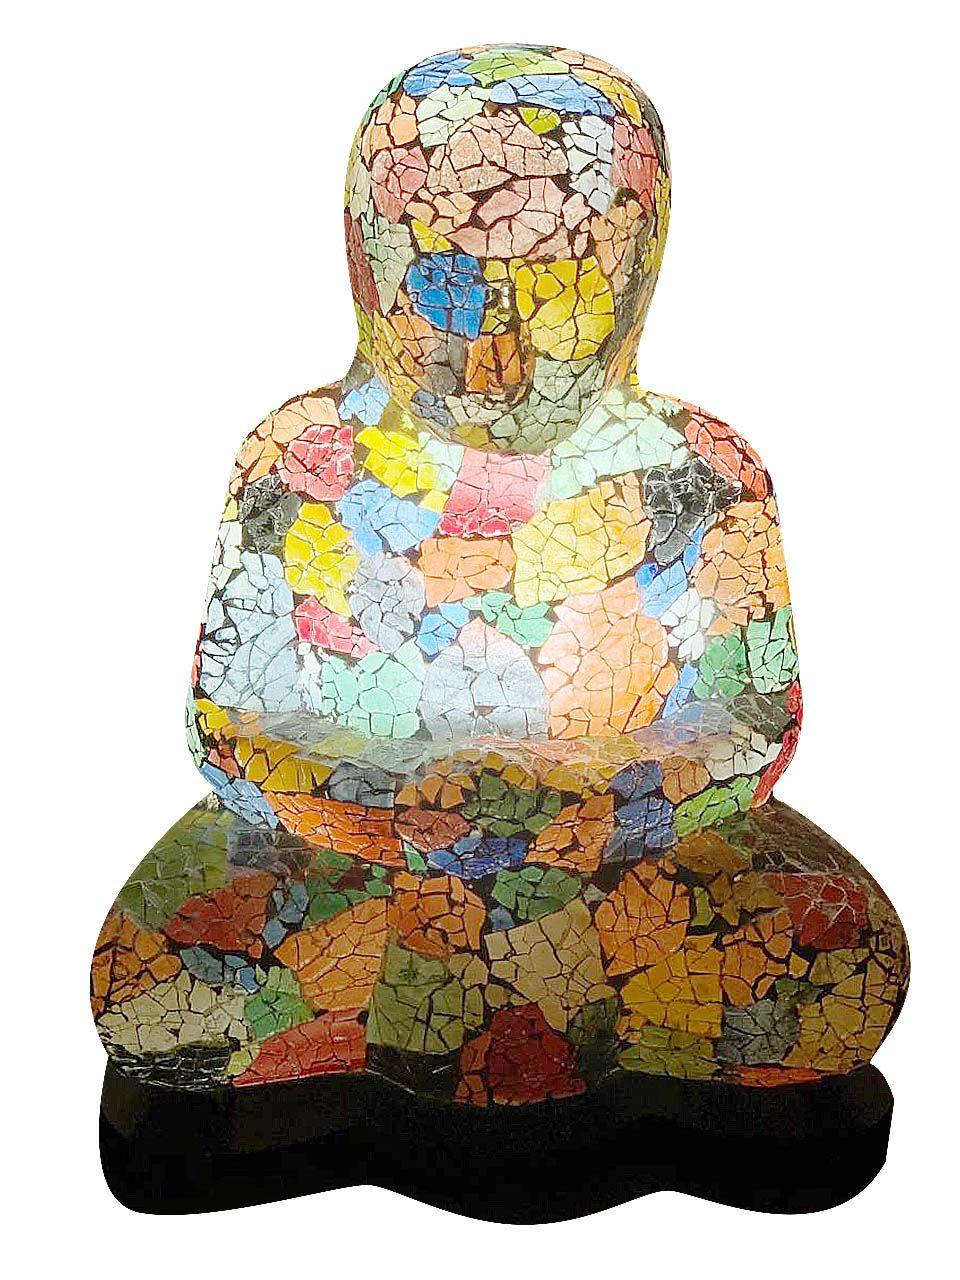 Luminária Buda Sidartha Meditando - Mosaico em Vidro Multicolorido (27x40x38cm)